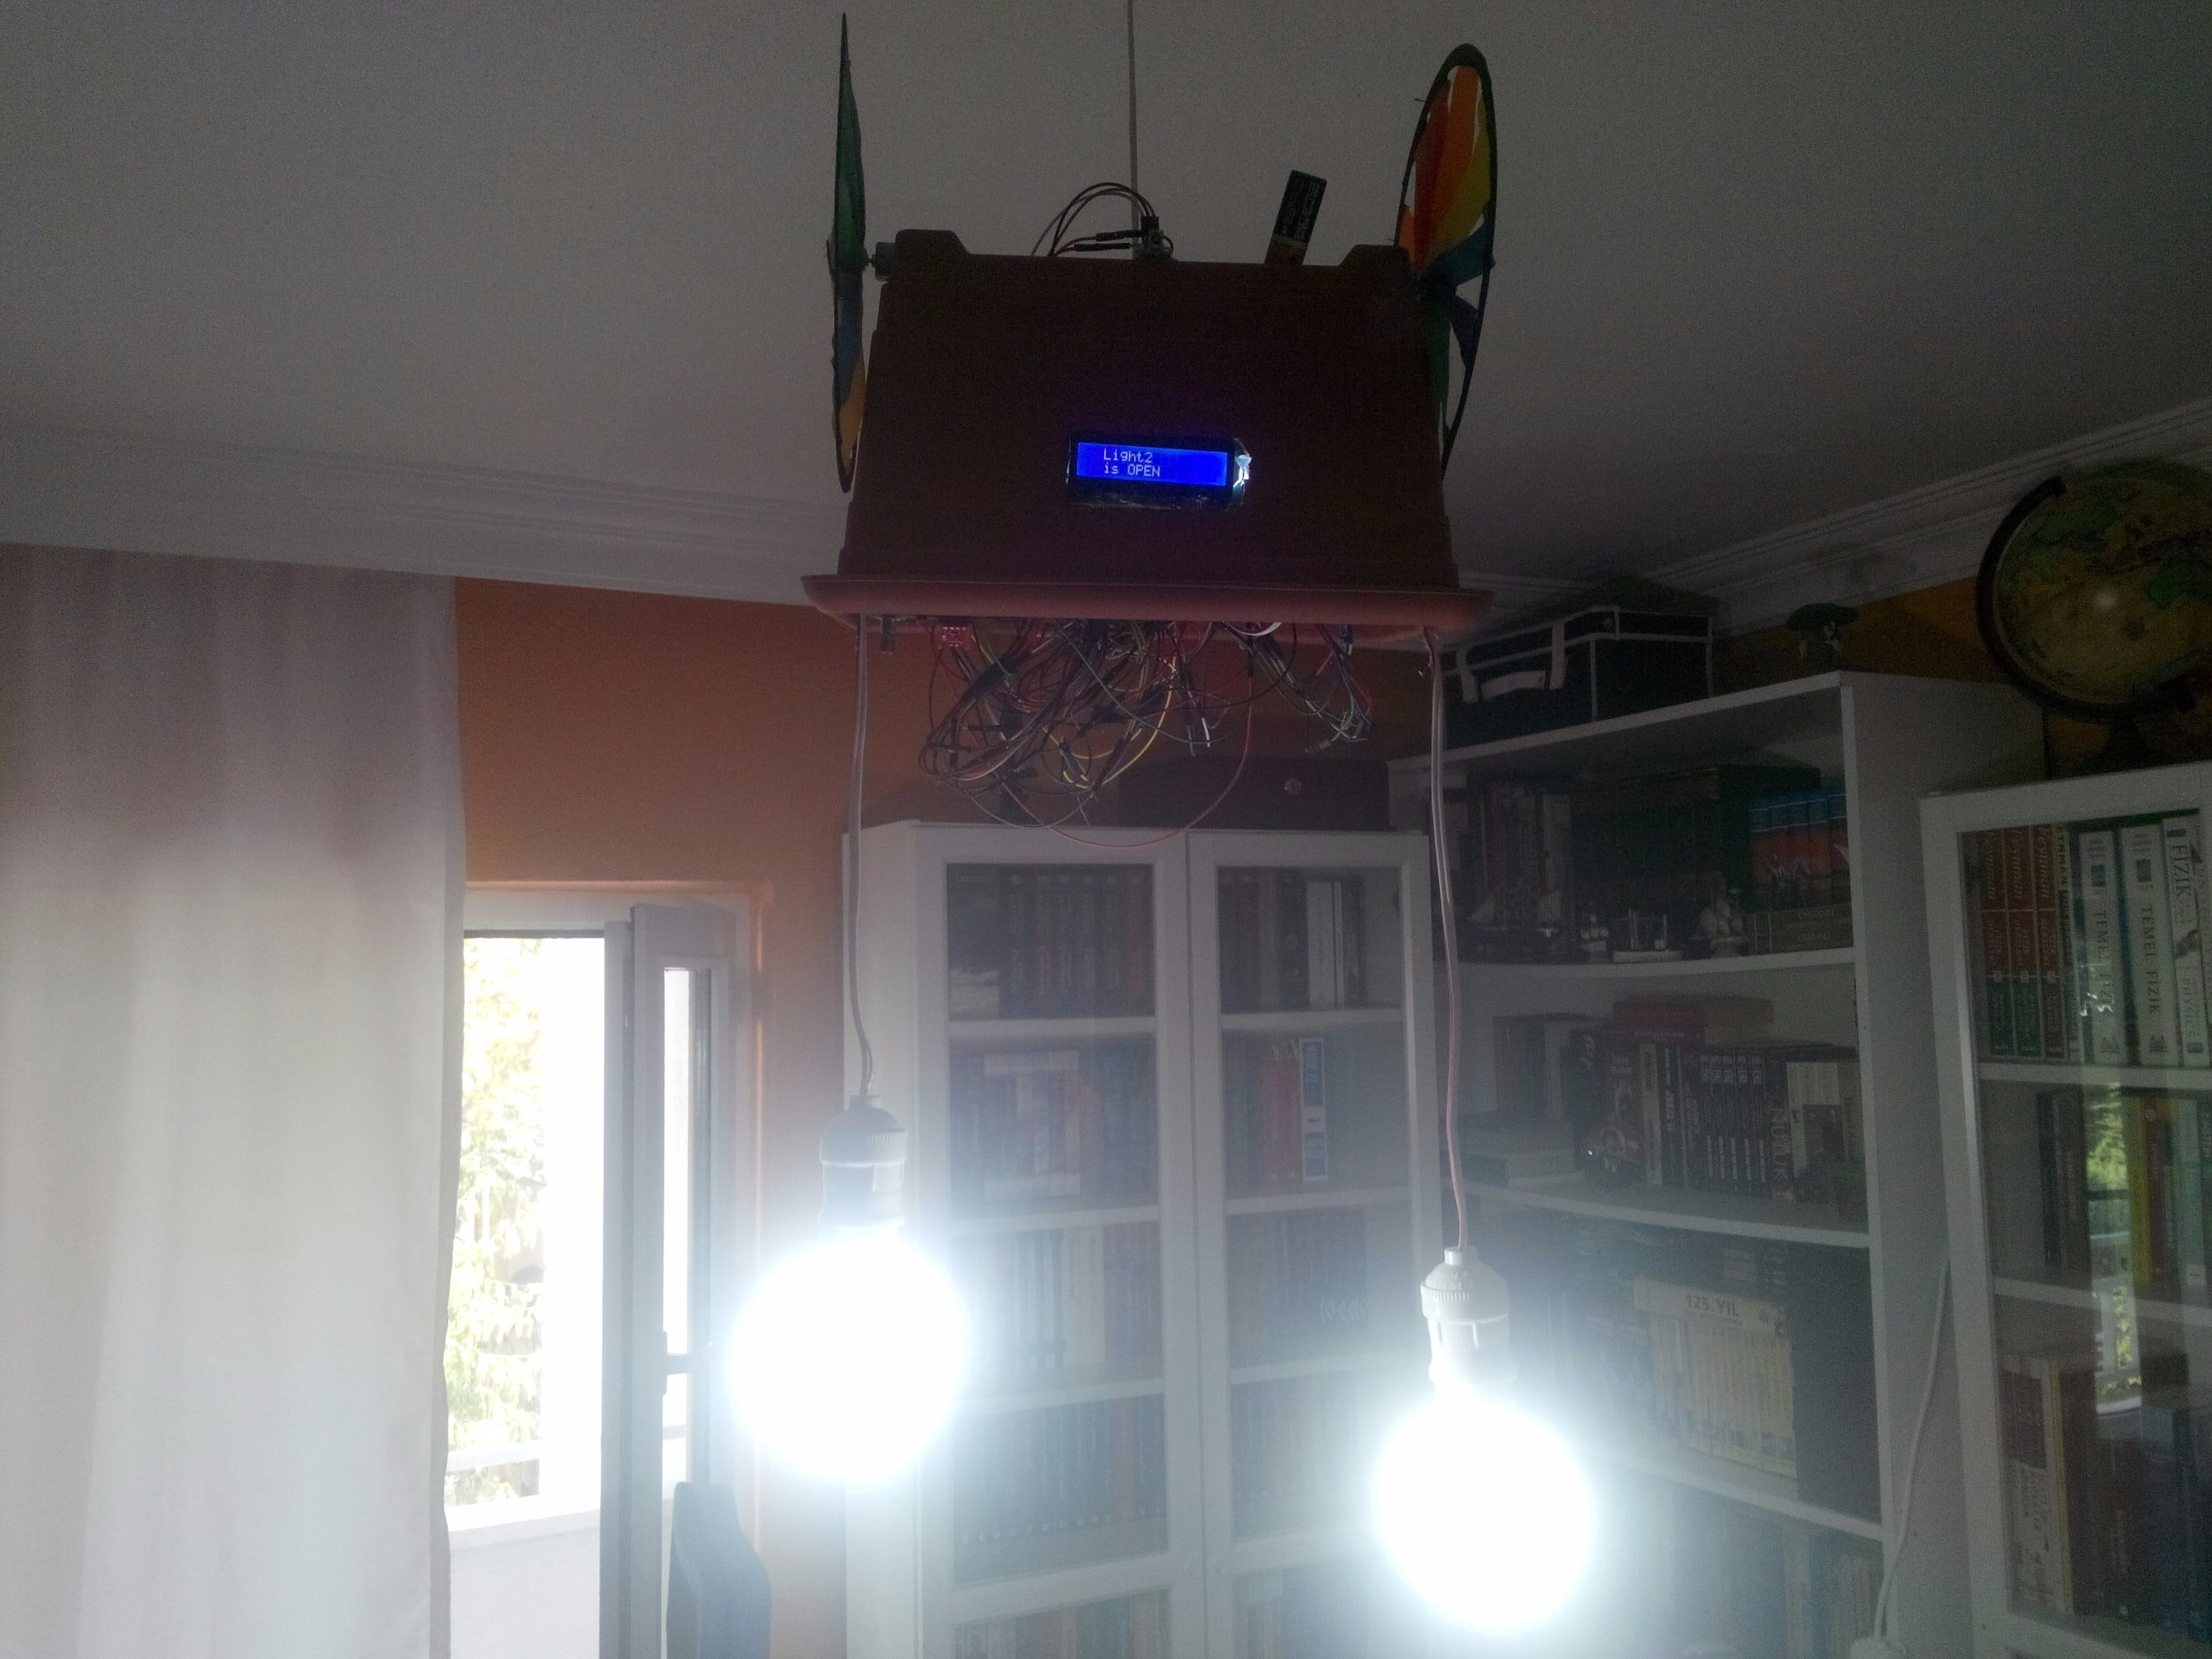 Remote Lamp